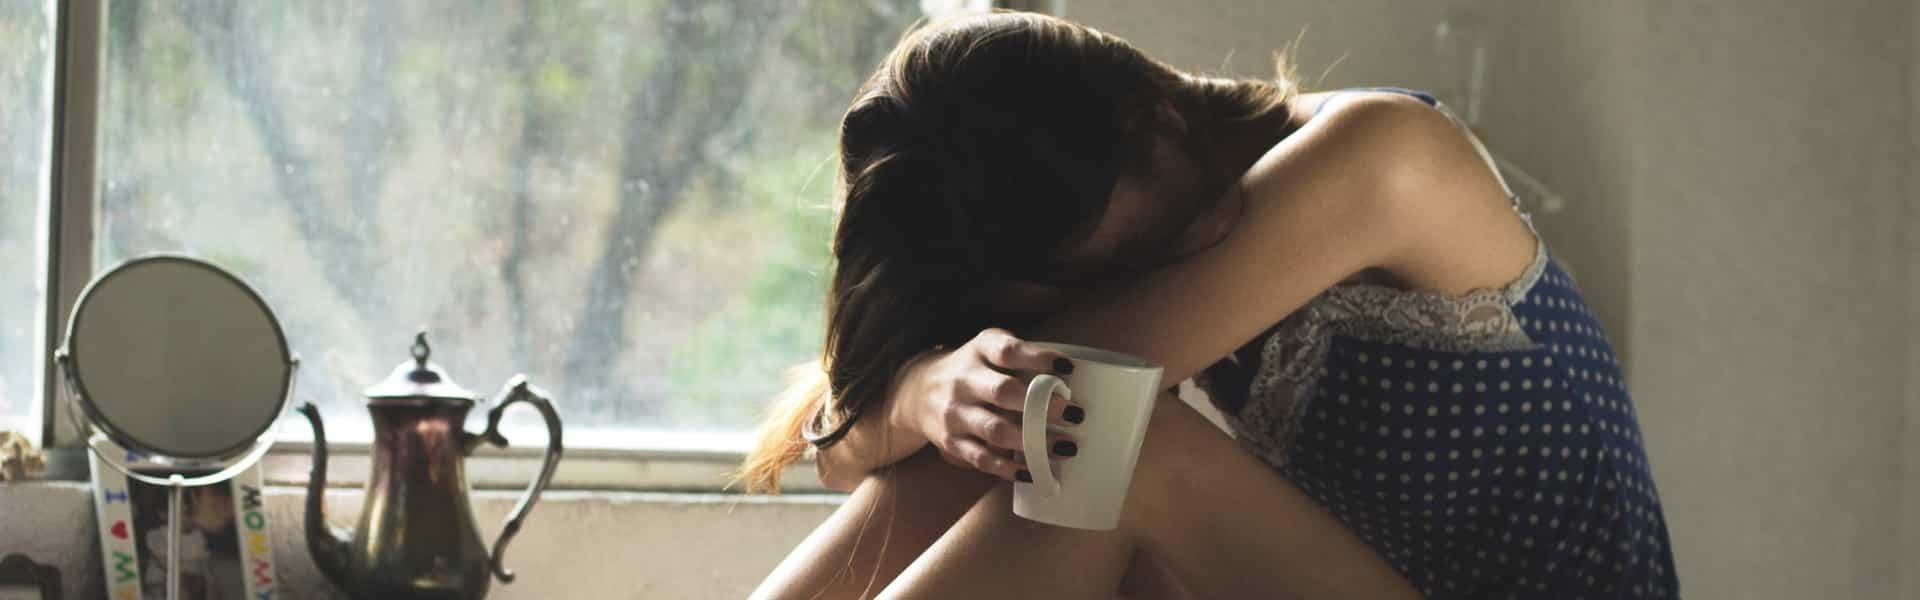 Une femme seule avec une tasse à café